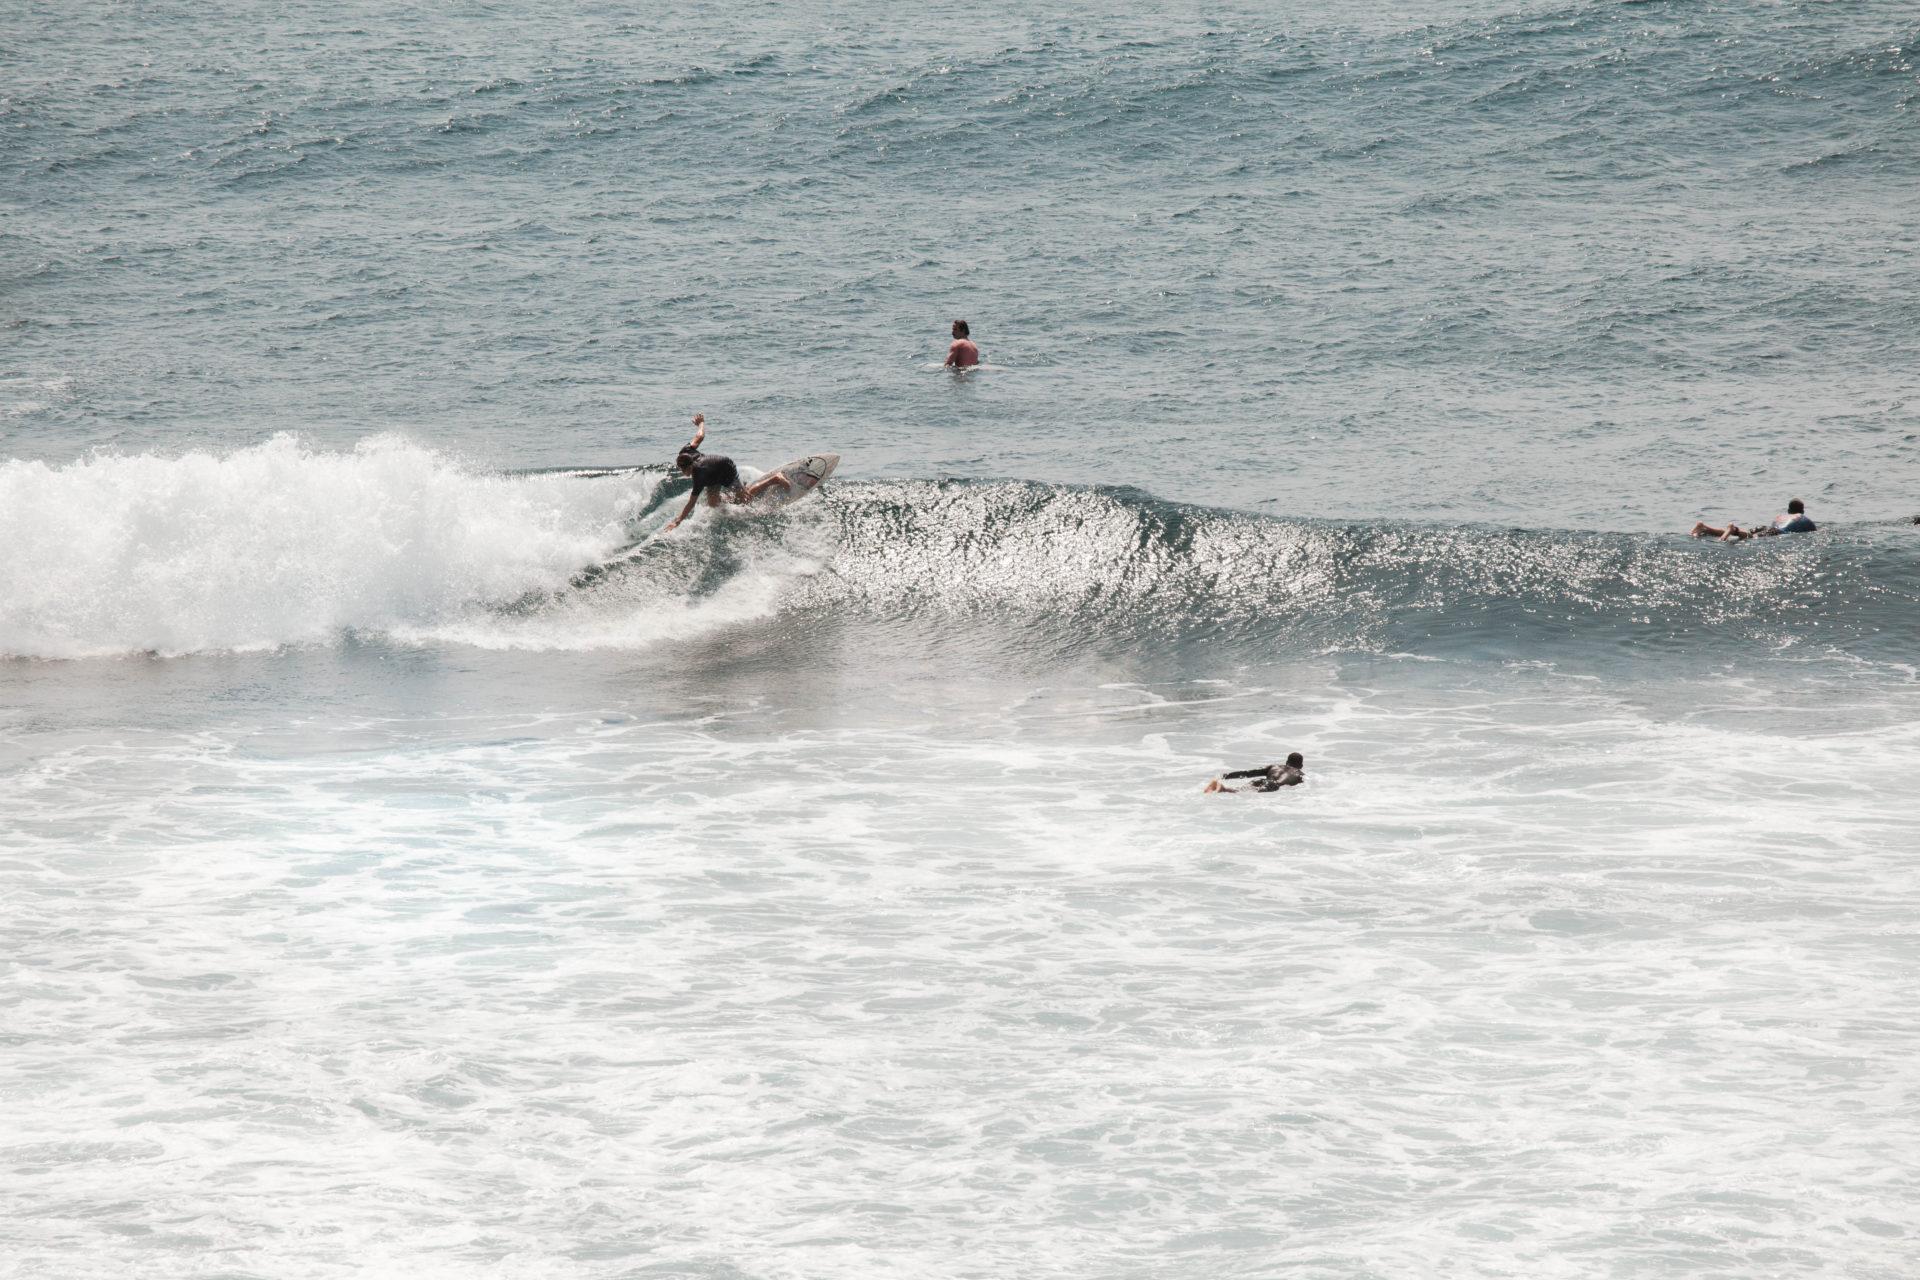 Surfing a break in Bali